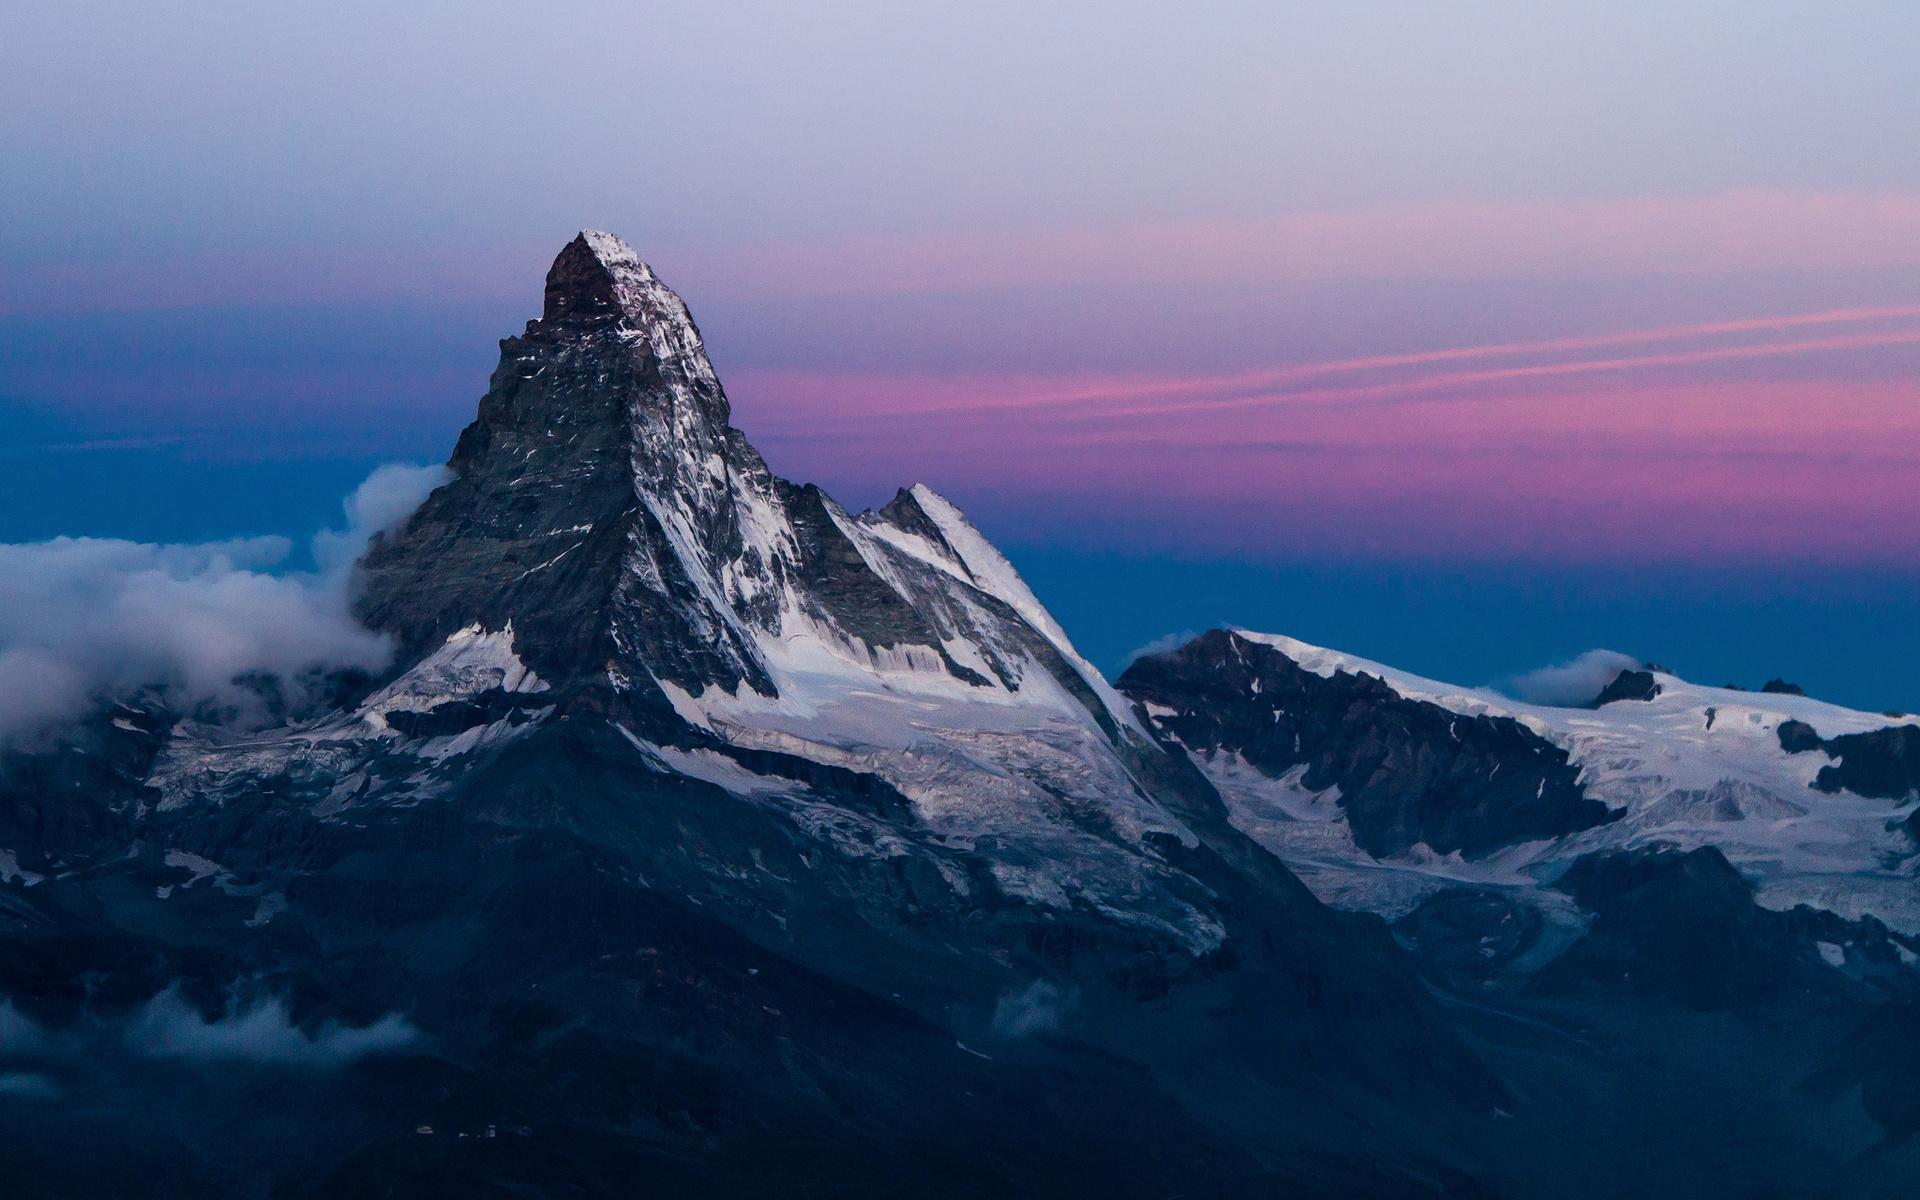 [Roleo de Sco] Dejado atrás. Slope_mountain_peak_rocks_snow_sky_sunset_sunrise_1920x1200